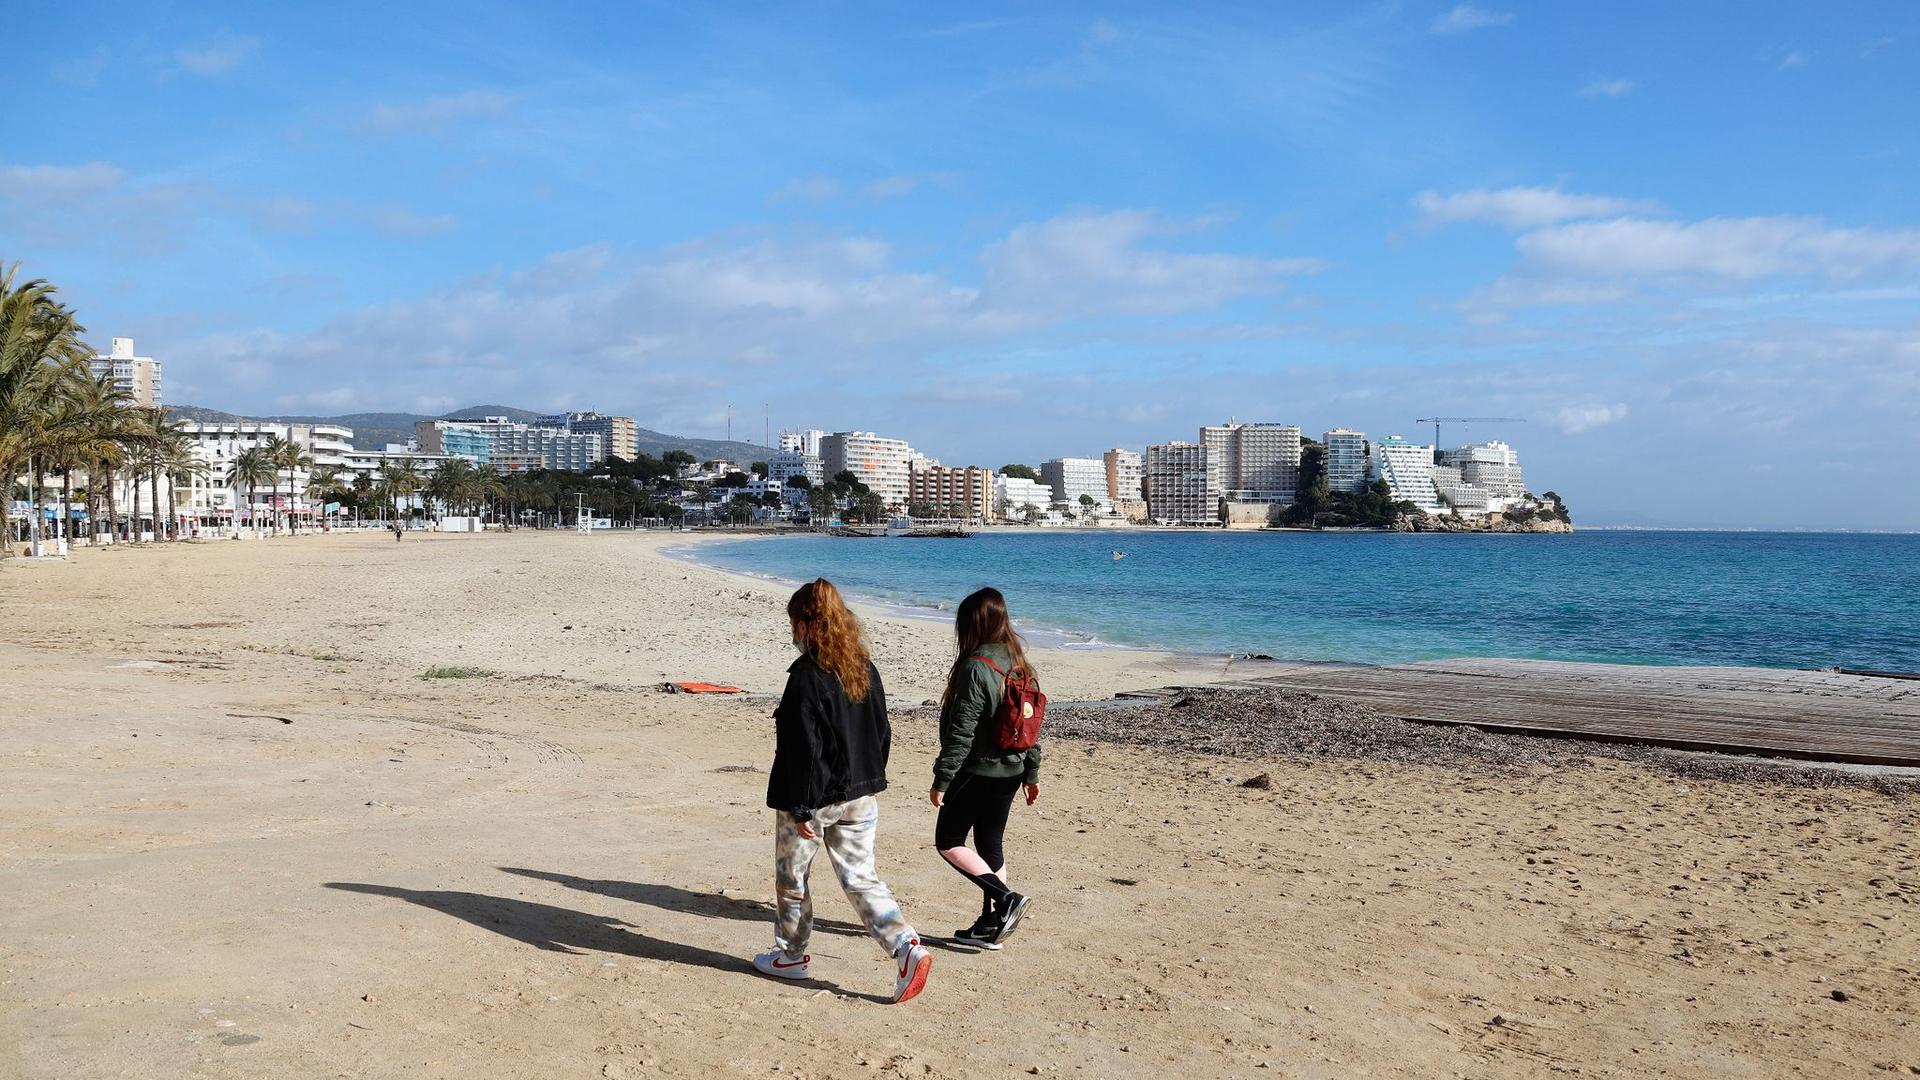 Zwei junge Frauen gehen am leeren Strand von Magaluf entlang.